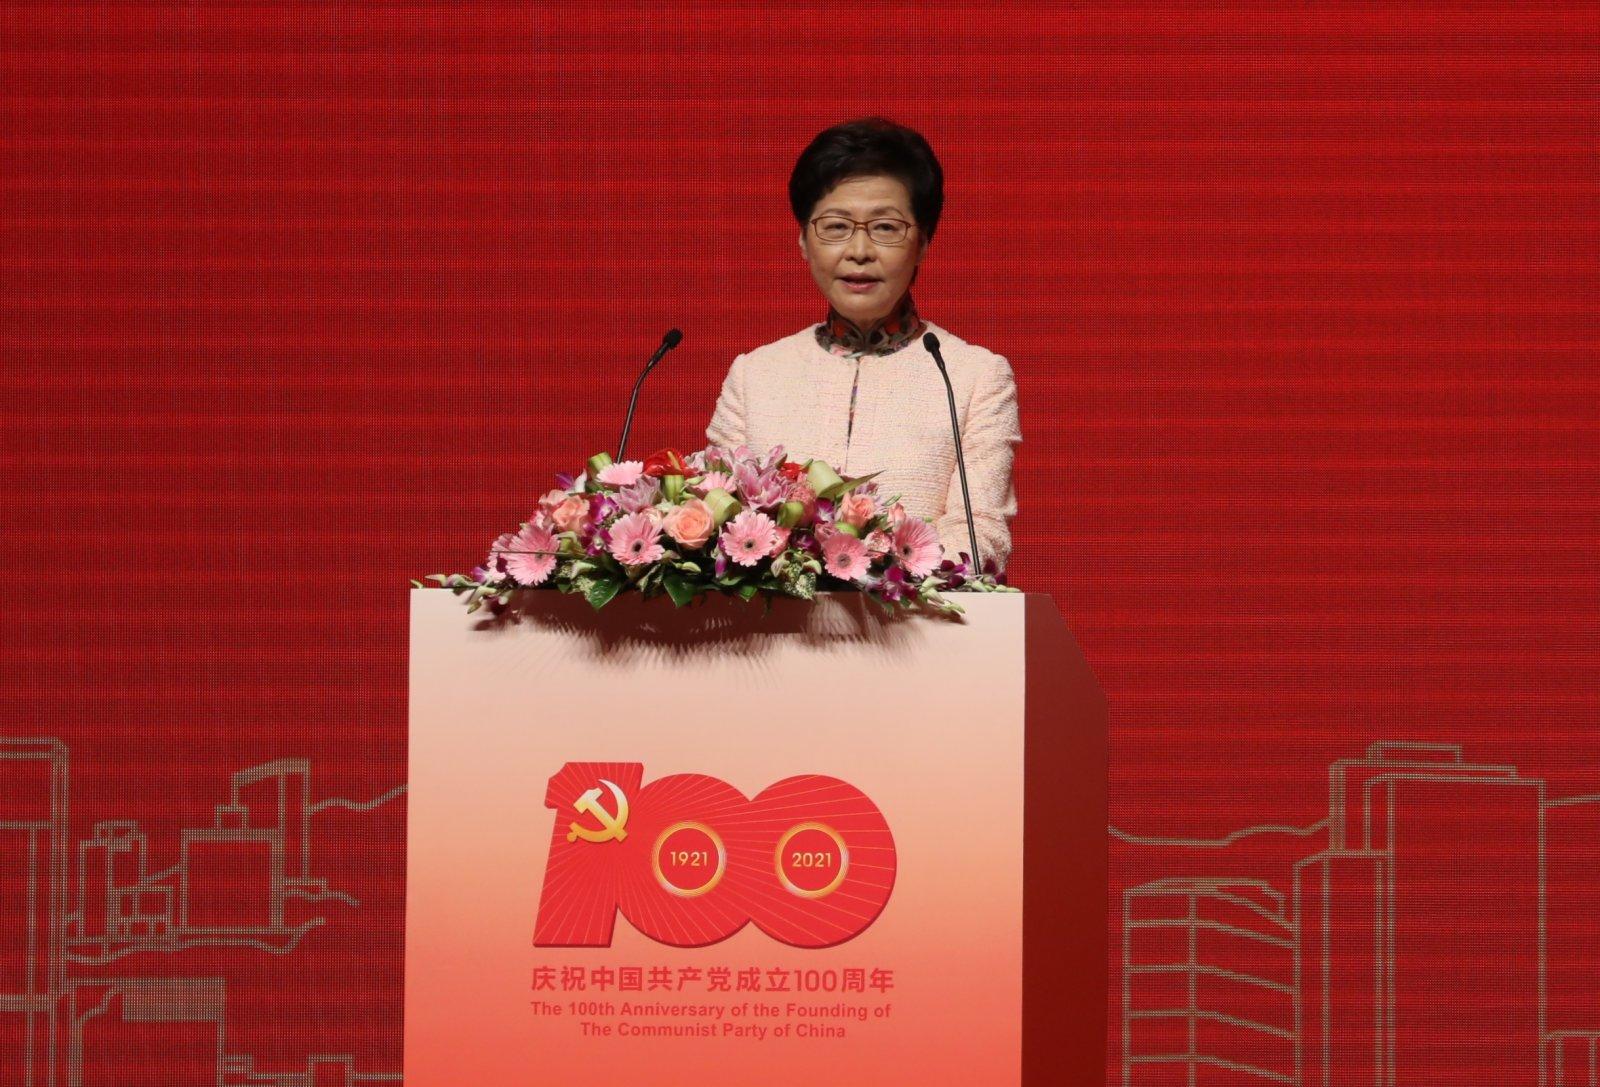 「中國共產黨與『一國兩制』」主題論壇今日(12日)舉行,行政長官林鄭月娥出席並發表致辭。(香港文匯報記者萬霜靈攝)